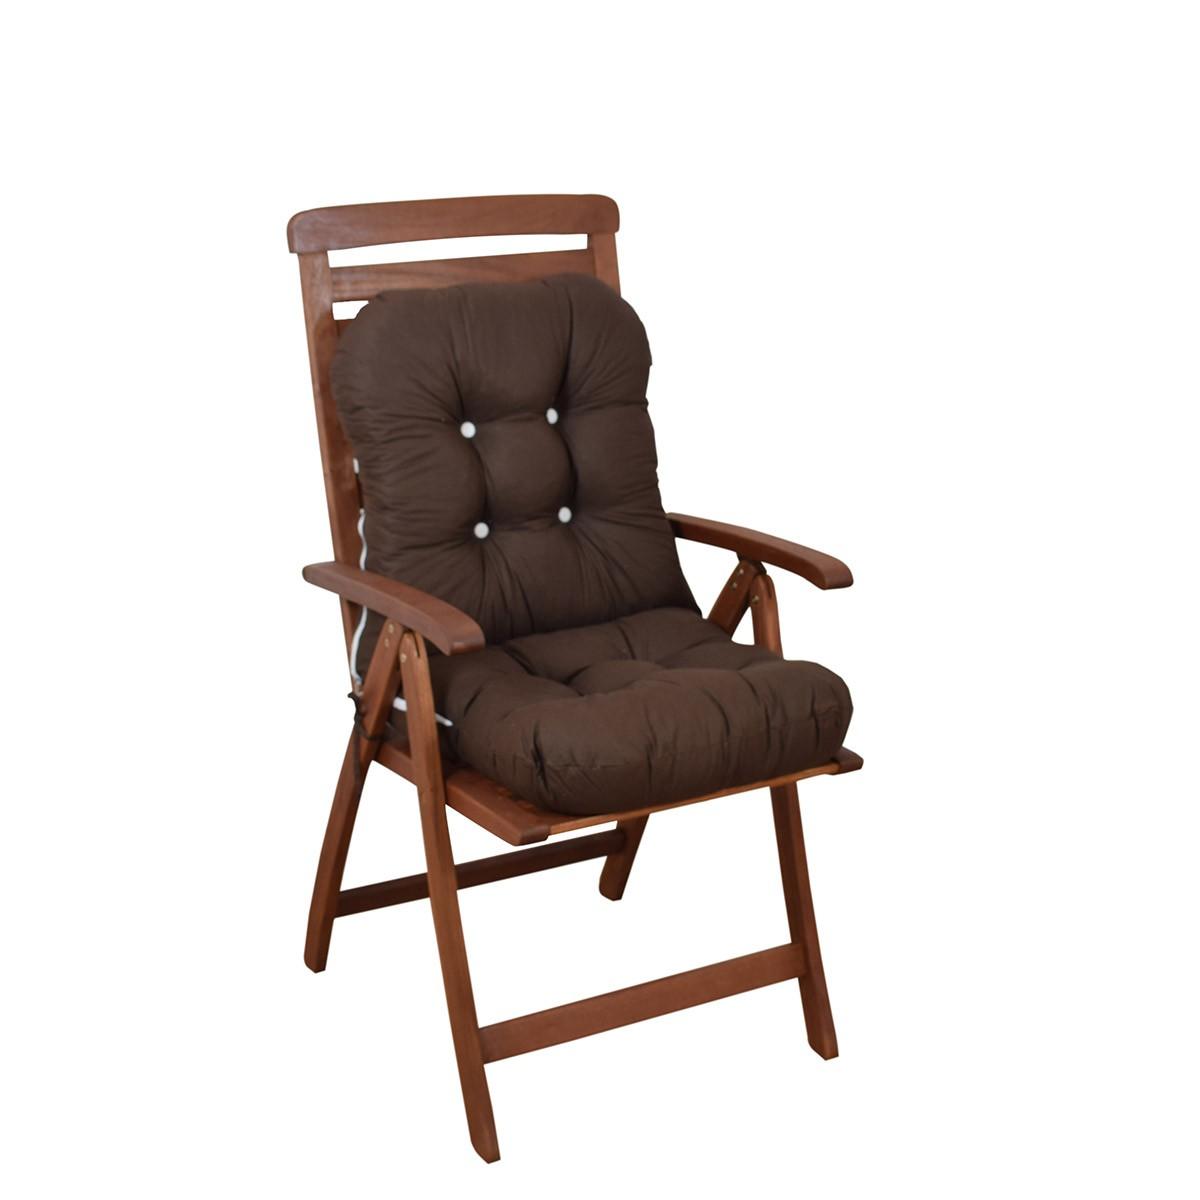 Μαξιλάρι Καρέκλας Bamboo Με Πλάτη Fratoni Solid Brown